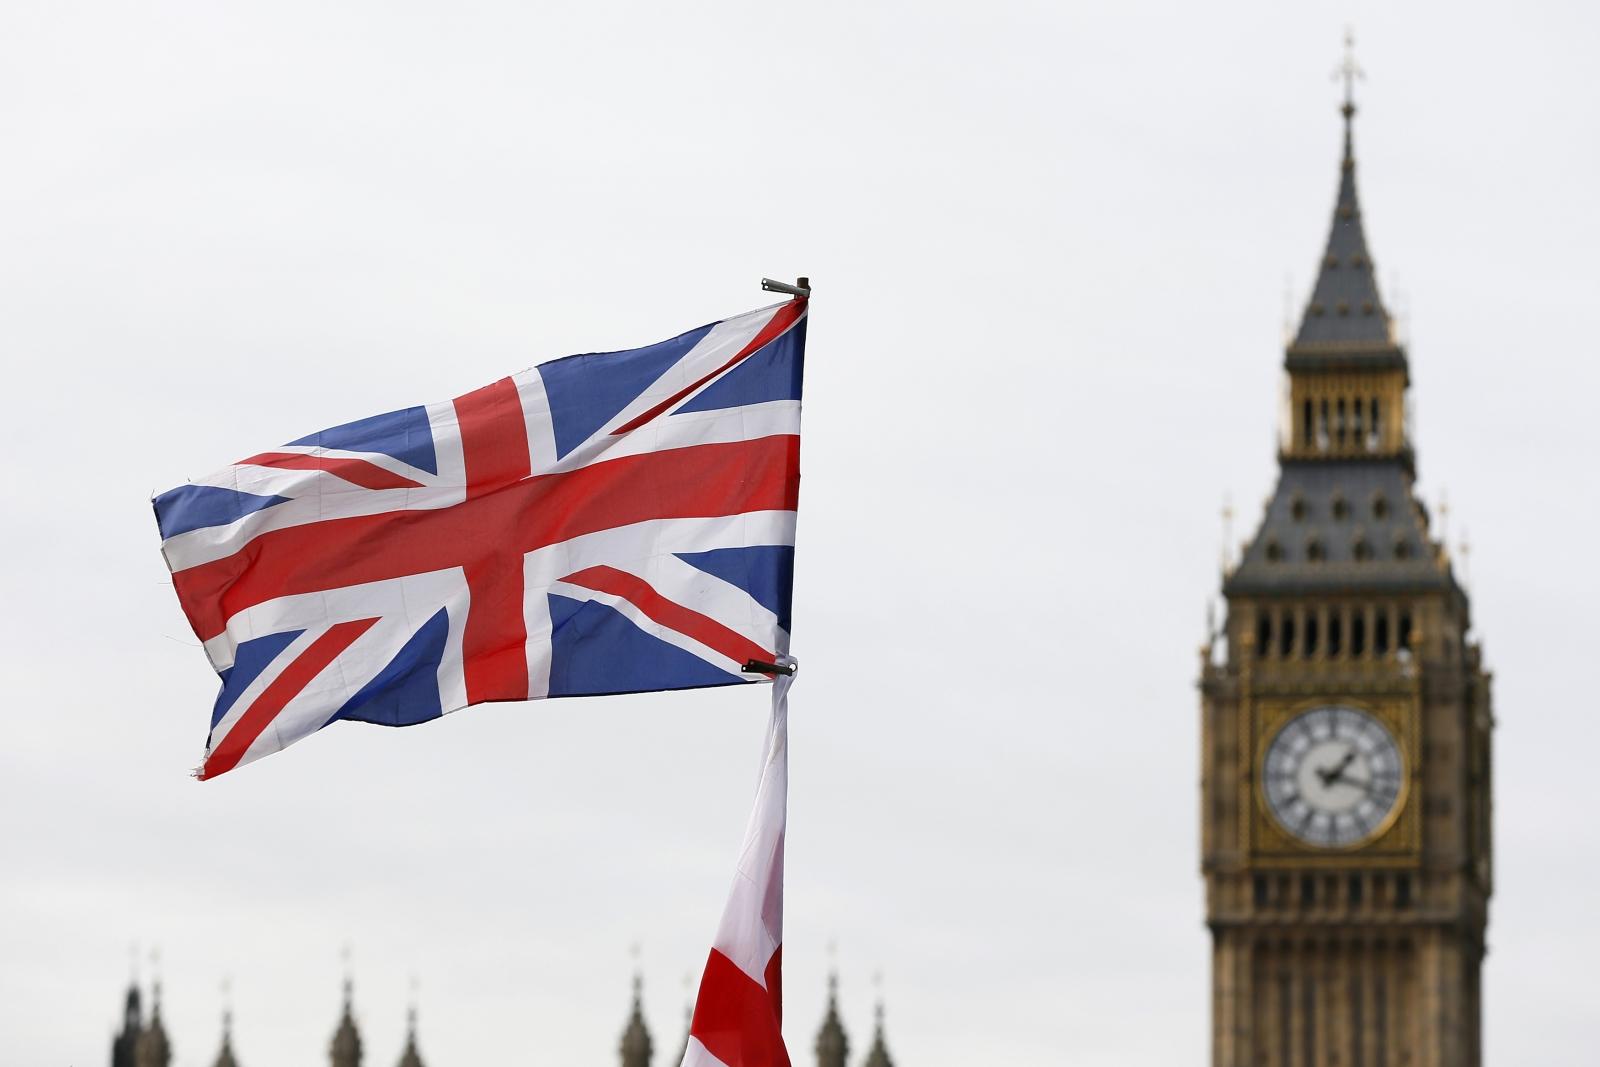 Union Jack Big Ben Houses of Parliament